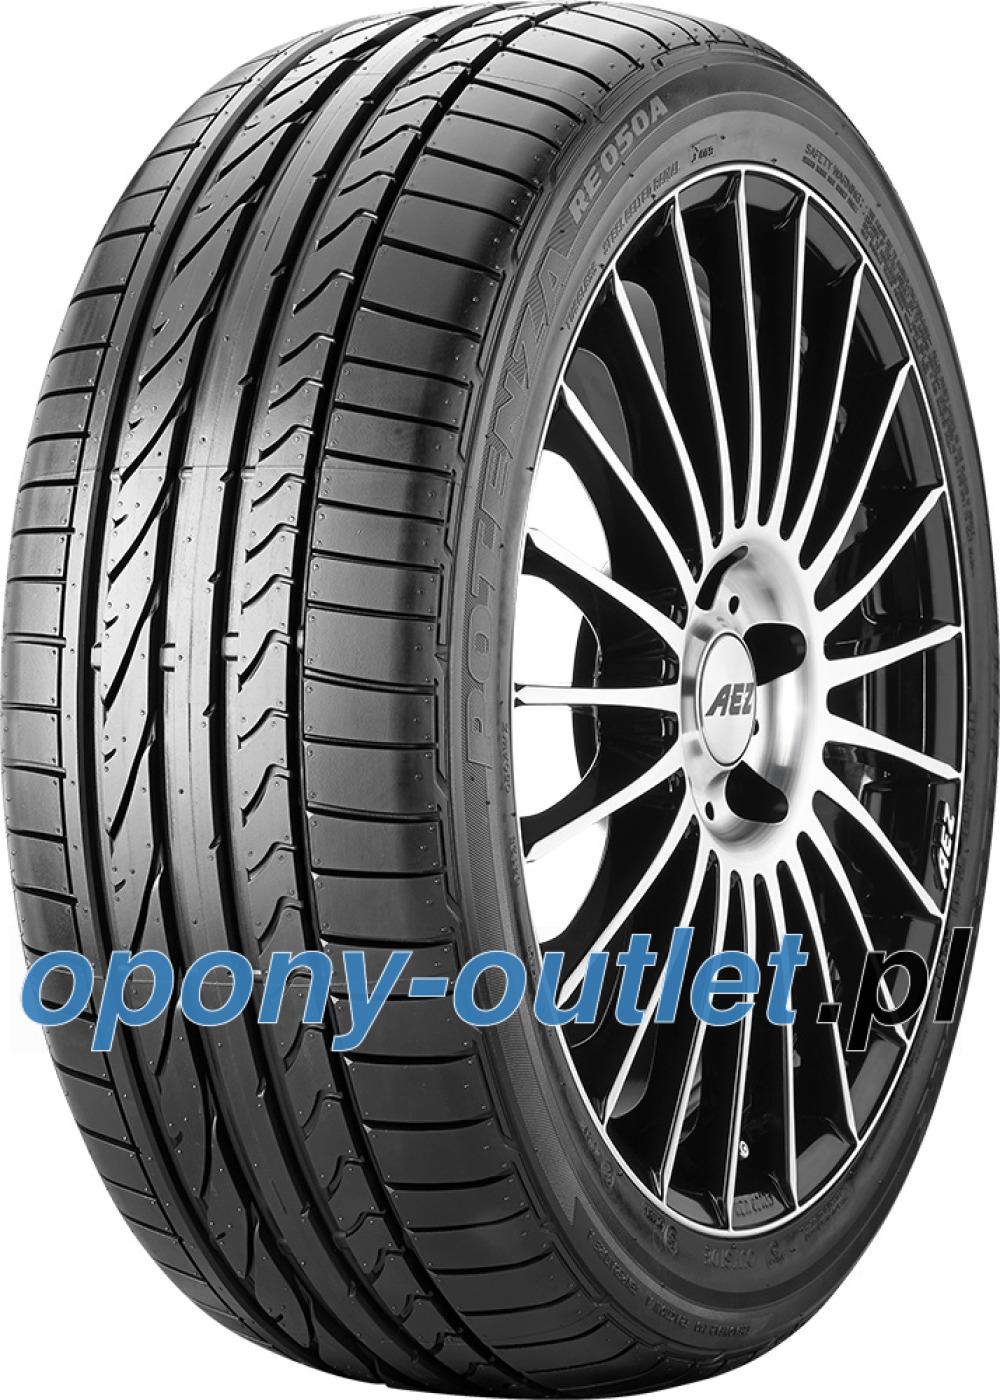 Bridgestone Potenza RE 050 A ( 305/30 ZR19 (102Y) XL N1, osłona felgi (MFS) )